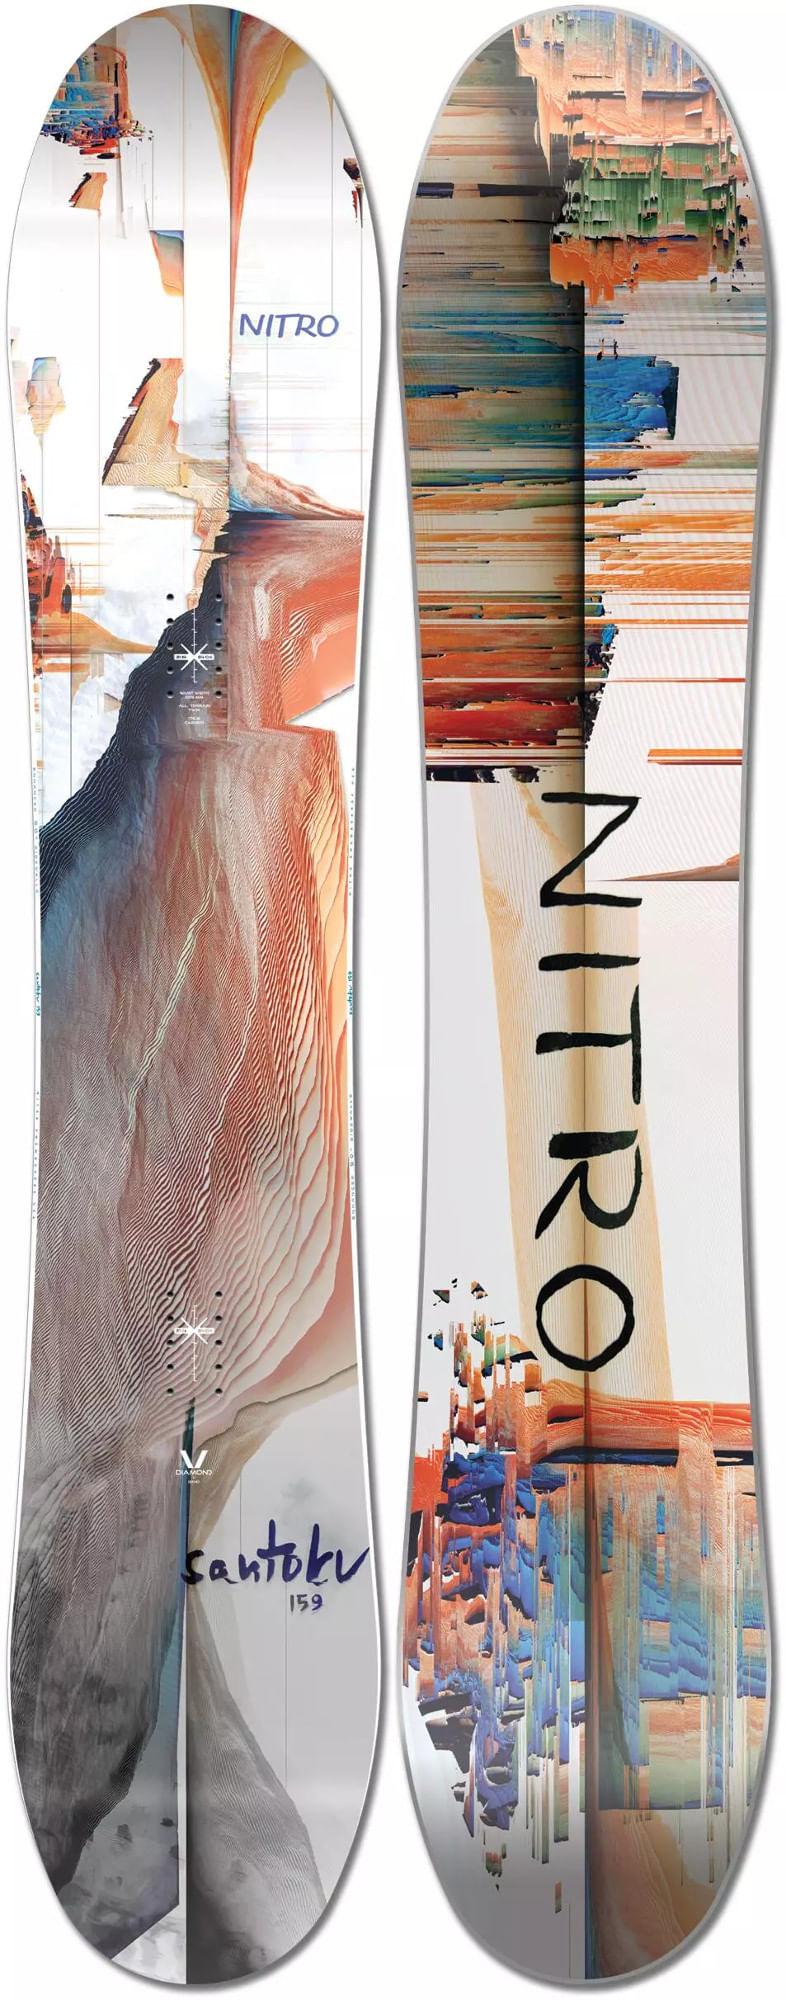 Nitro-Santoku-Snowboard-2021